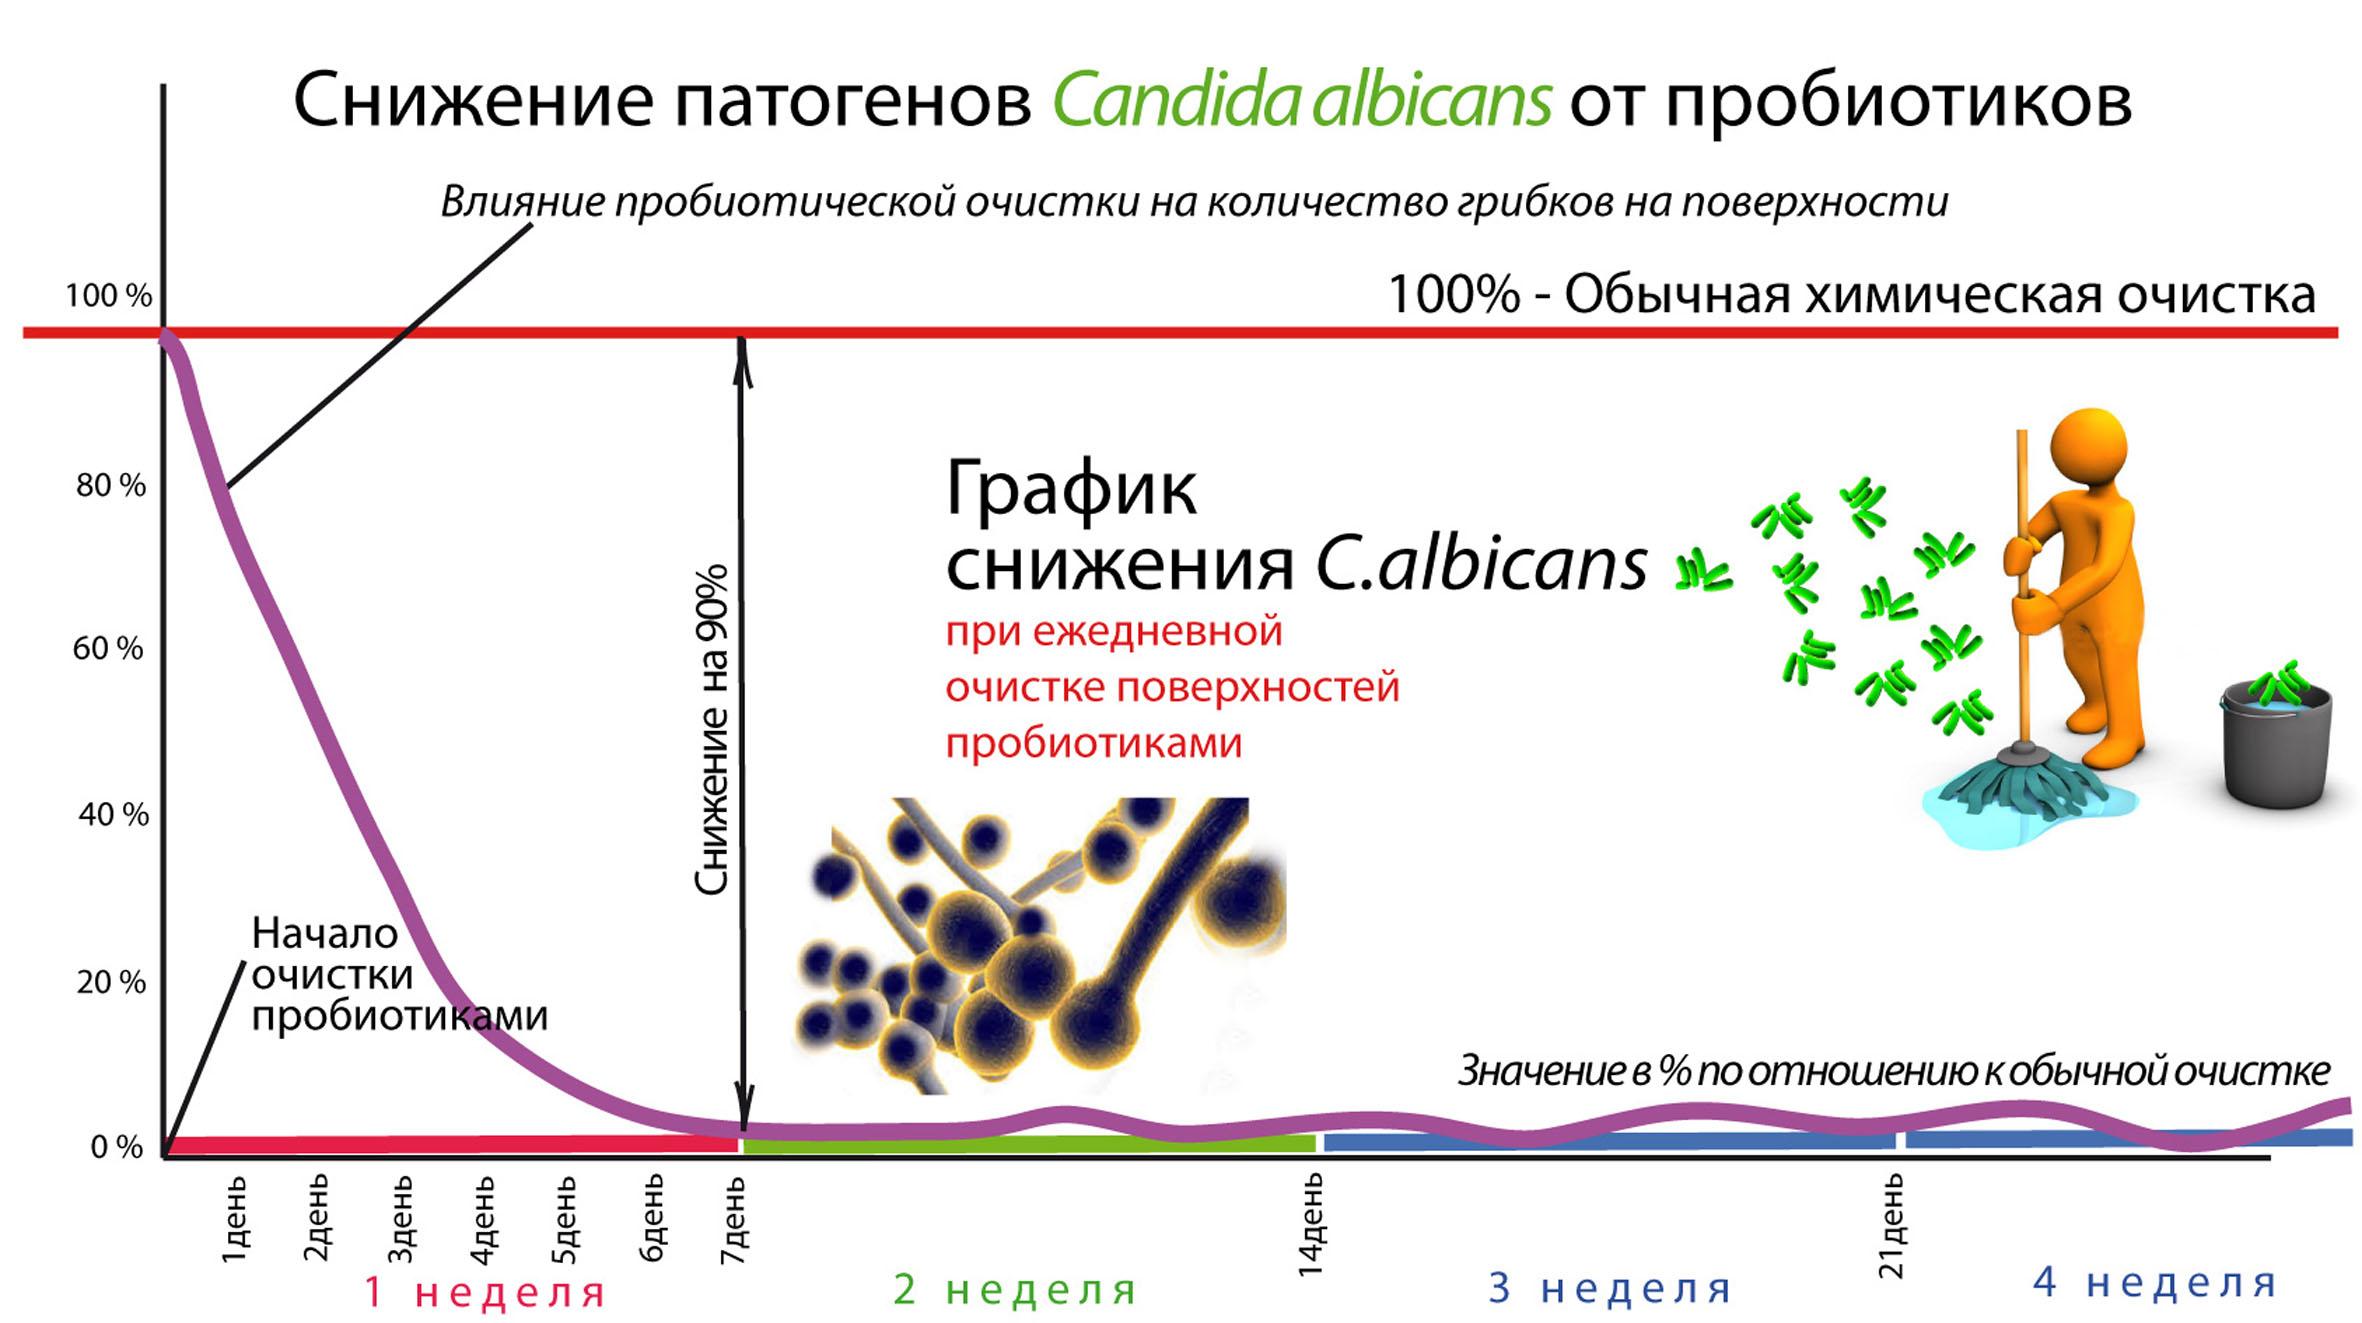 Изображение выглядит как текст, картаАвтоматически созданное описание